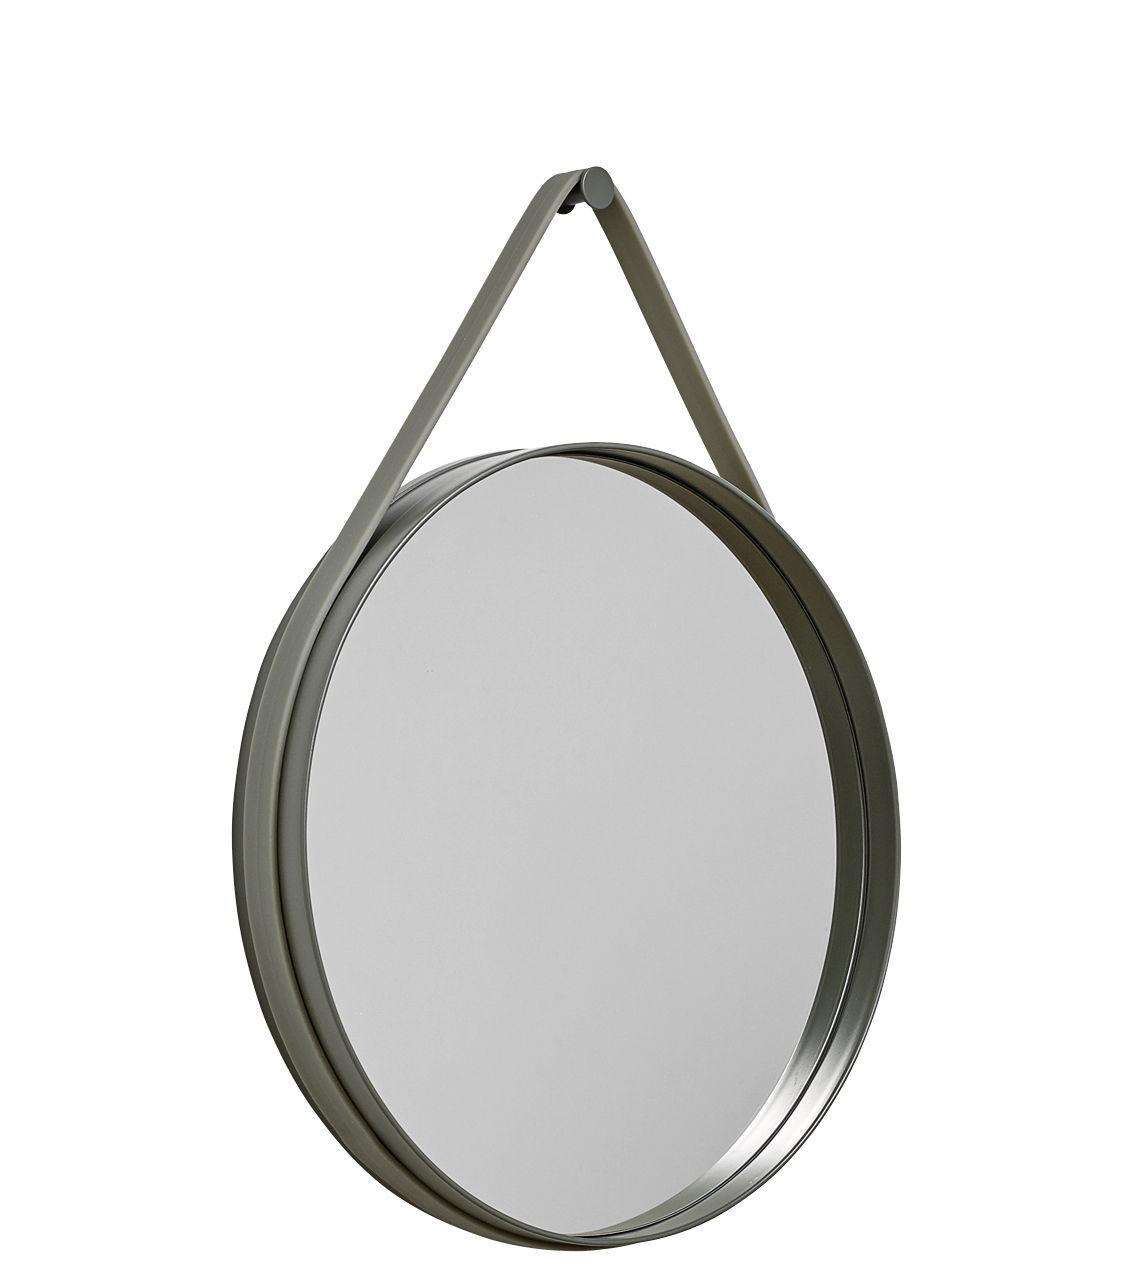 Déco - Miroirs - Miroir mural Strap / Ø 50 cm - Hay - Kaki - Acier laqué, Silicone